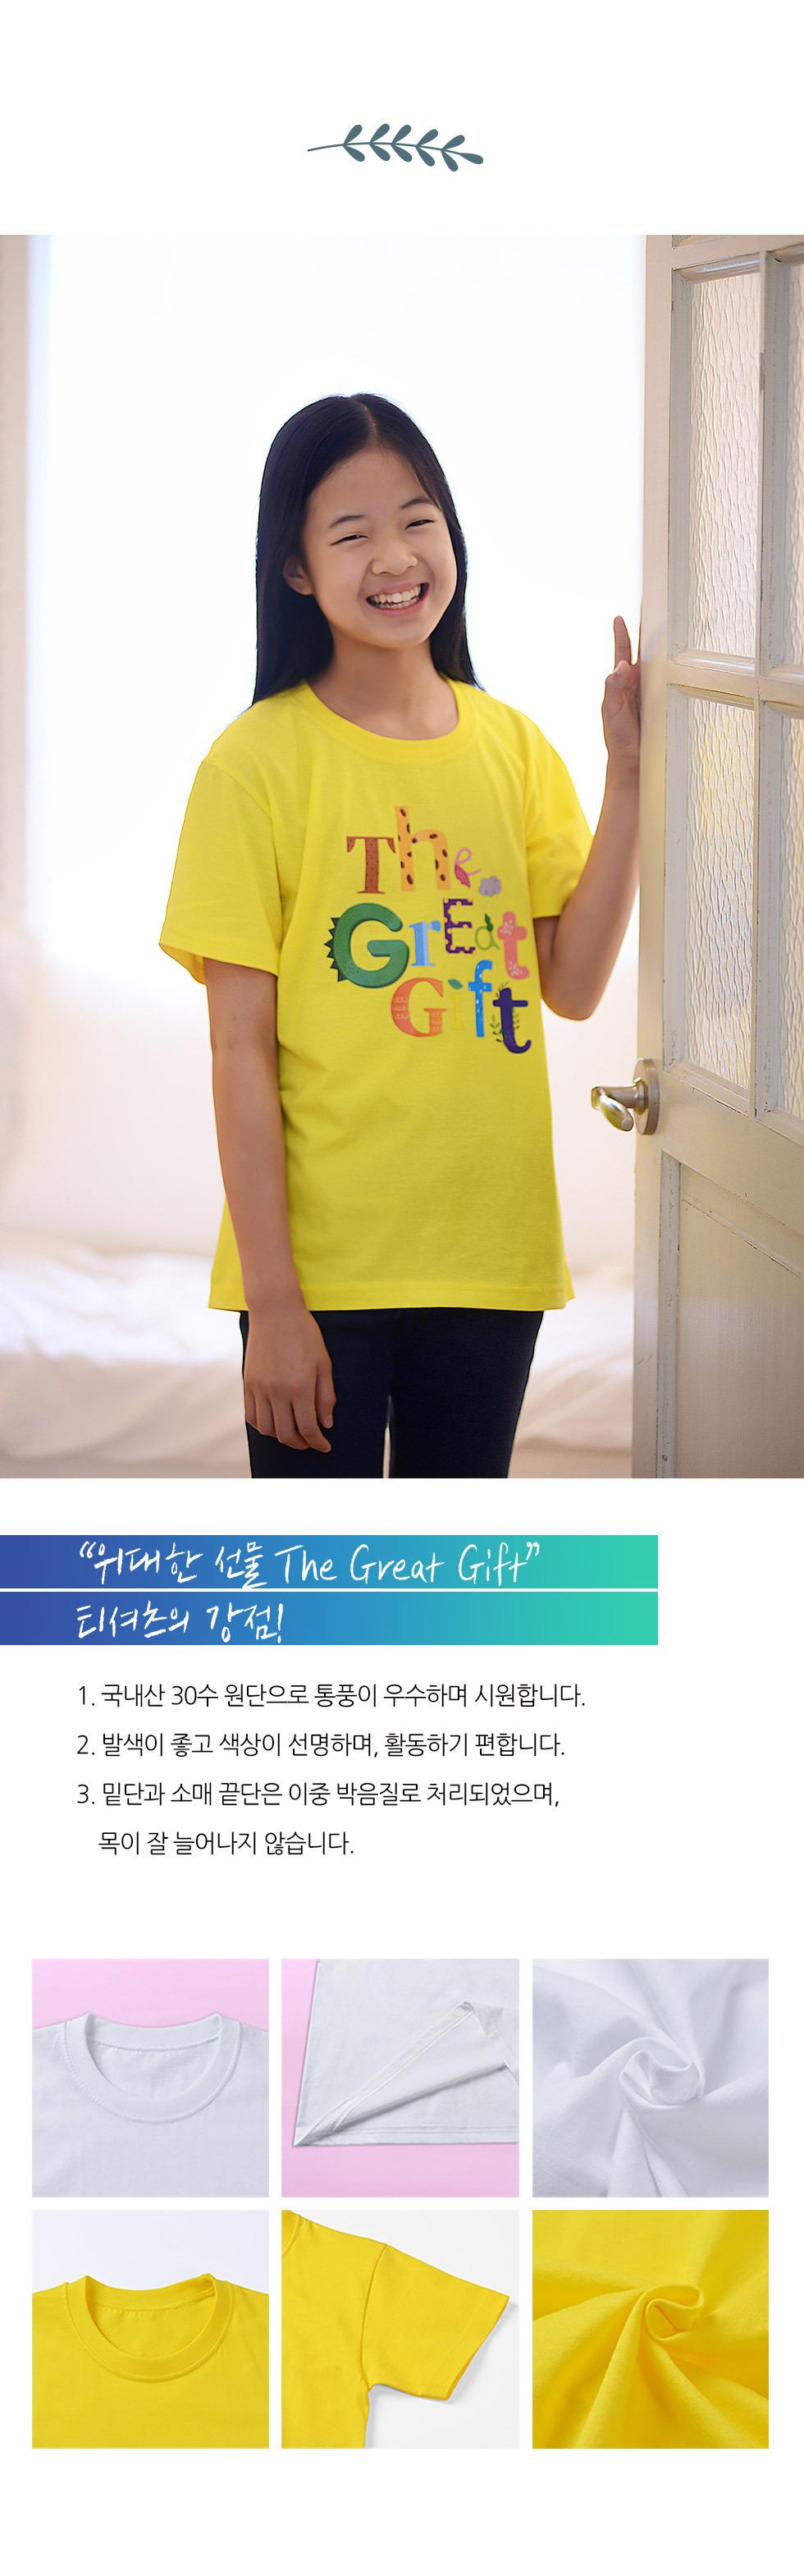 교회 단체티셔츠 위대한선물 - 동물 (The Great Gift) - 아동티셔츠(예장 합동 교단 여름성경학교 주제티셔츠 - 위대한선물)